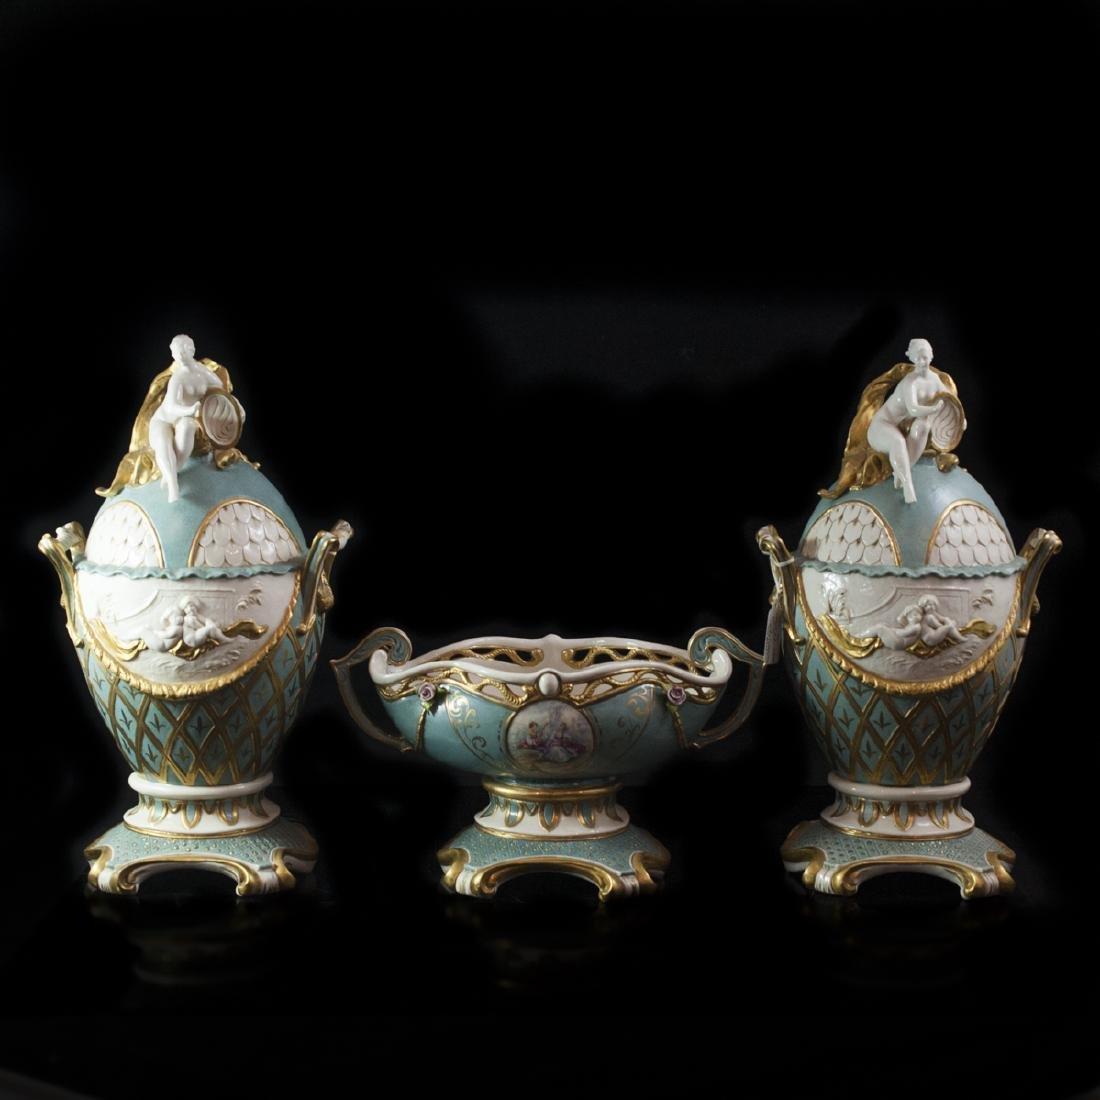 Porcellane Principe Capodimonte Set